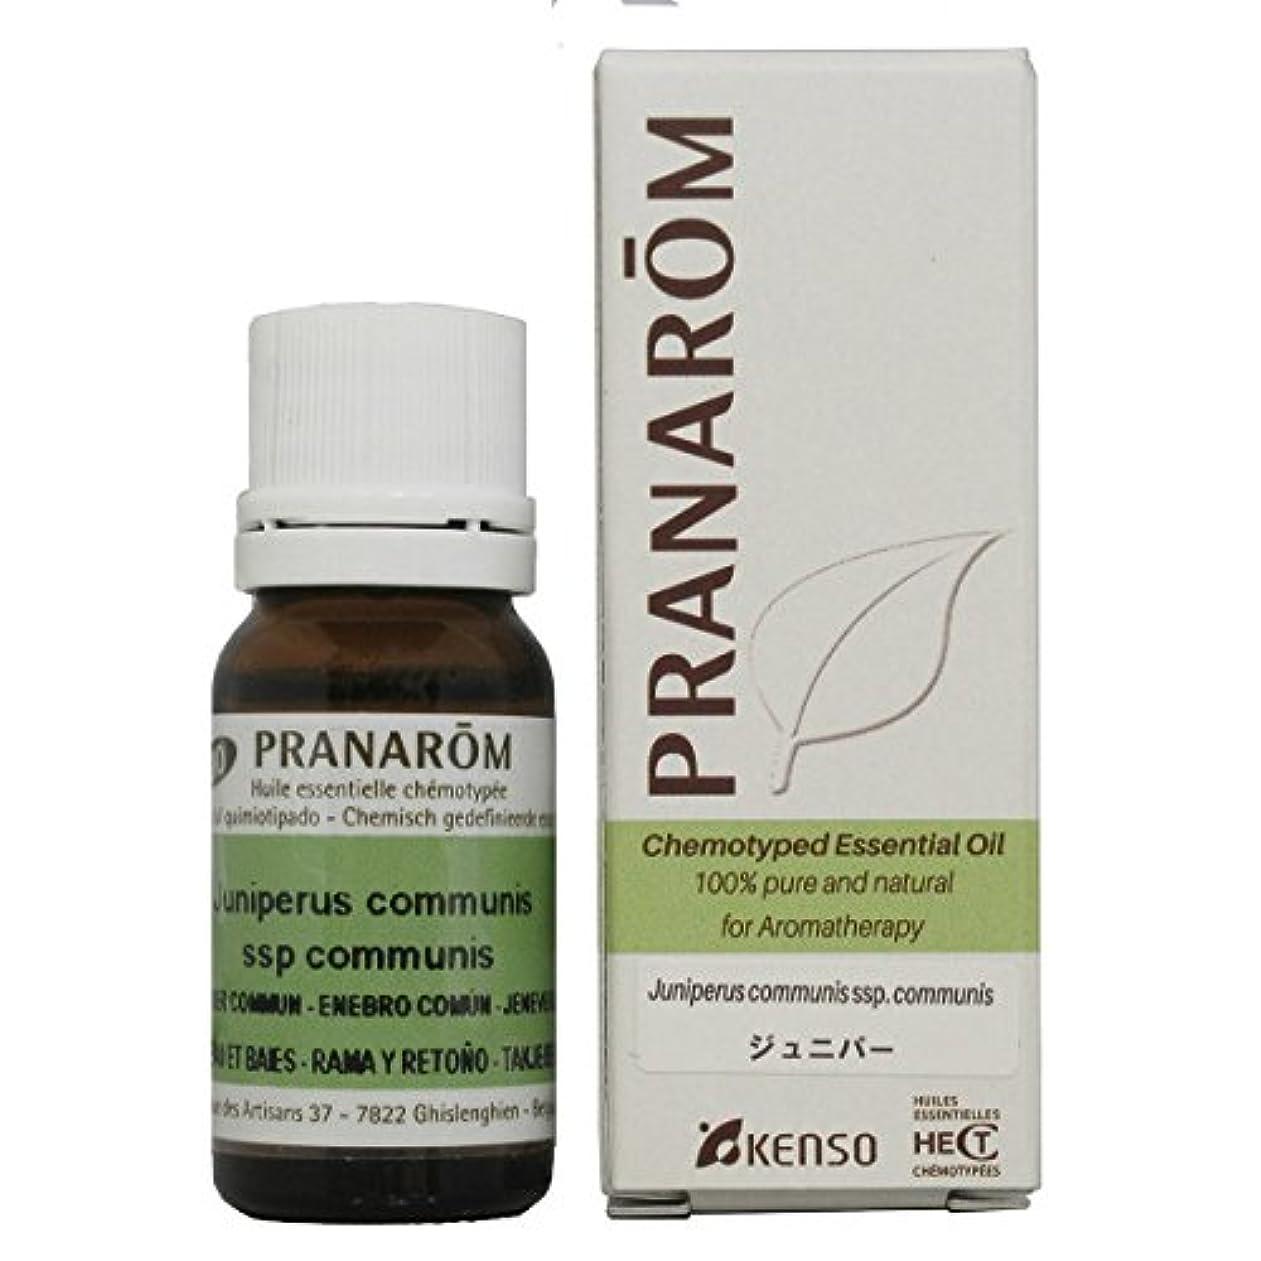 枠現金受け入れプラナロム ジュニパー(葉枝) 10ml (PRANAROM ケモタイプ精油)